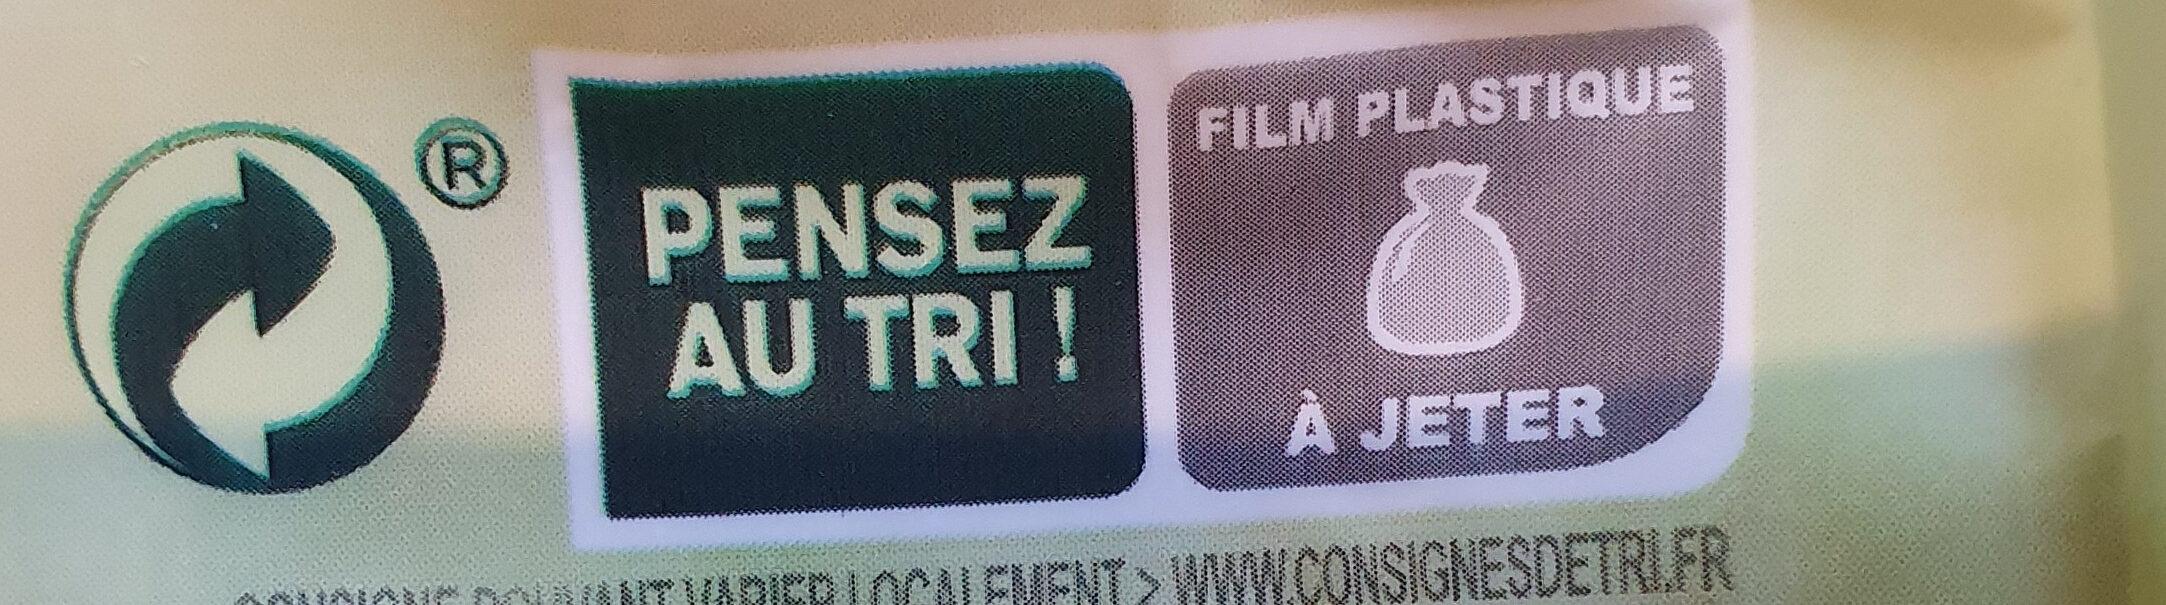 Trio de riz de Camargue - Instruction de recyclage et/ou informations d'emballage - fr